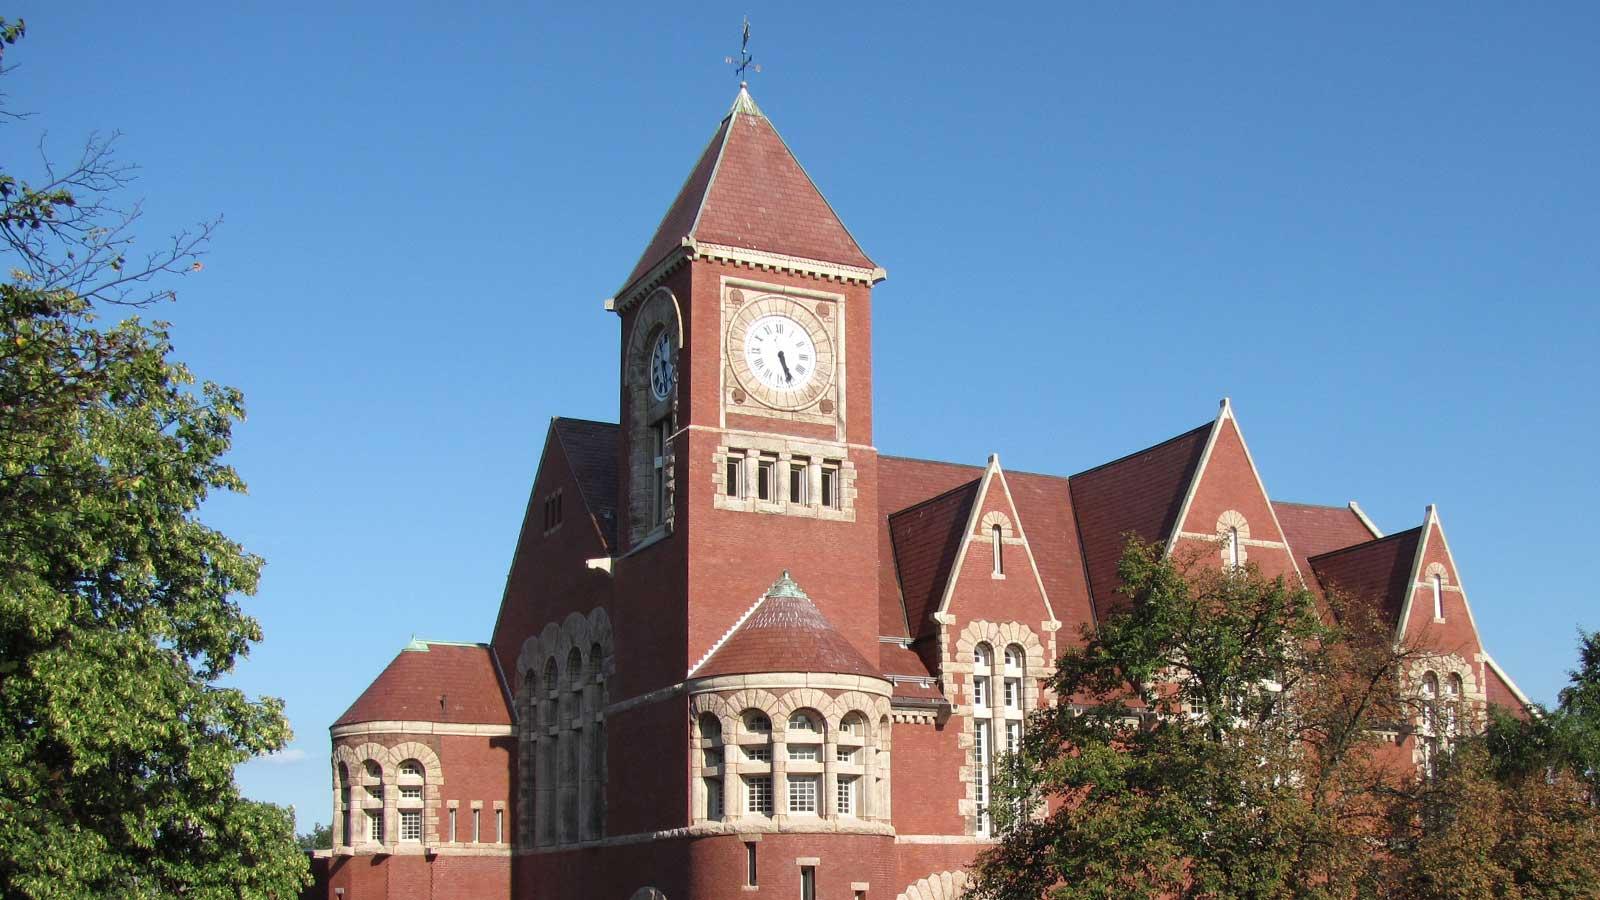 Town Hall, Amherst Massachusetts